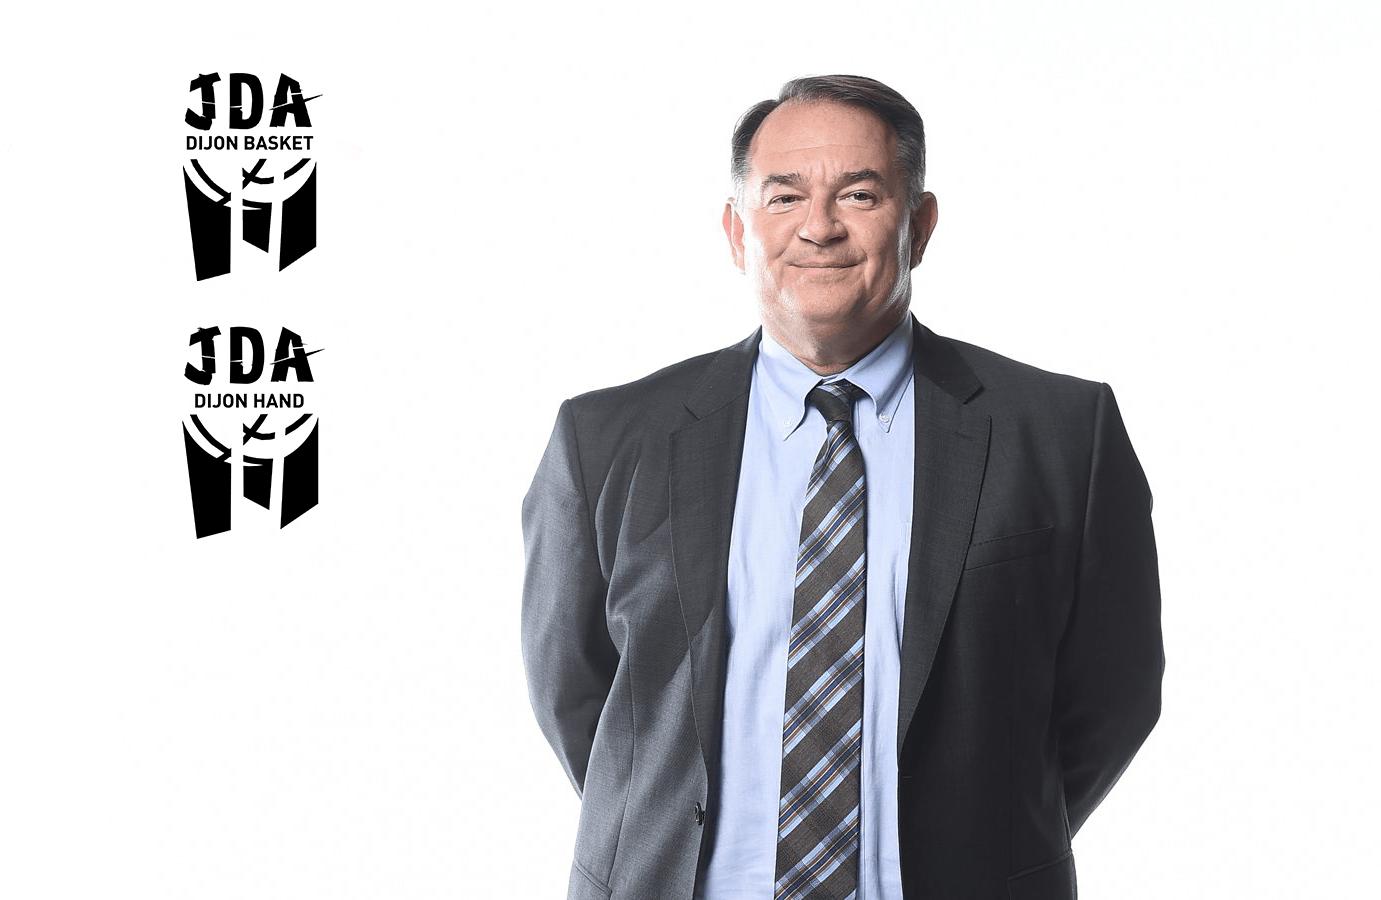 « La JDA sans vous, ce n'est pas la JDA » : la lettre touchante du président Thierry Degorce